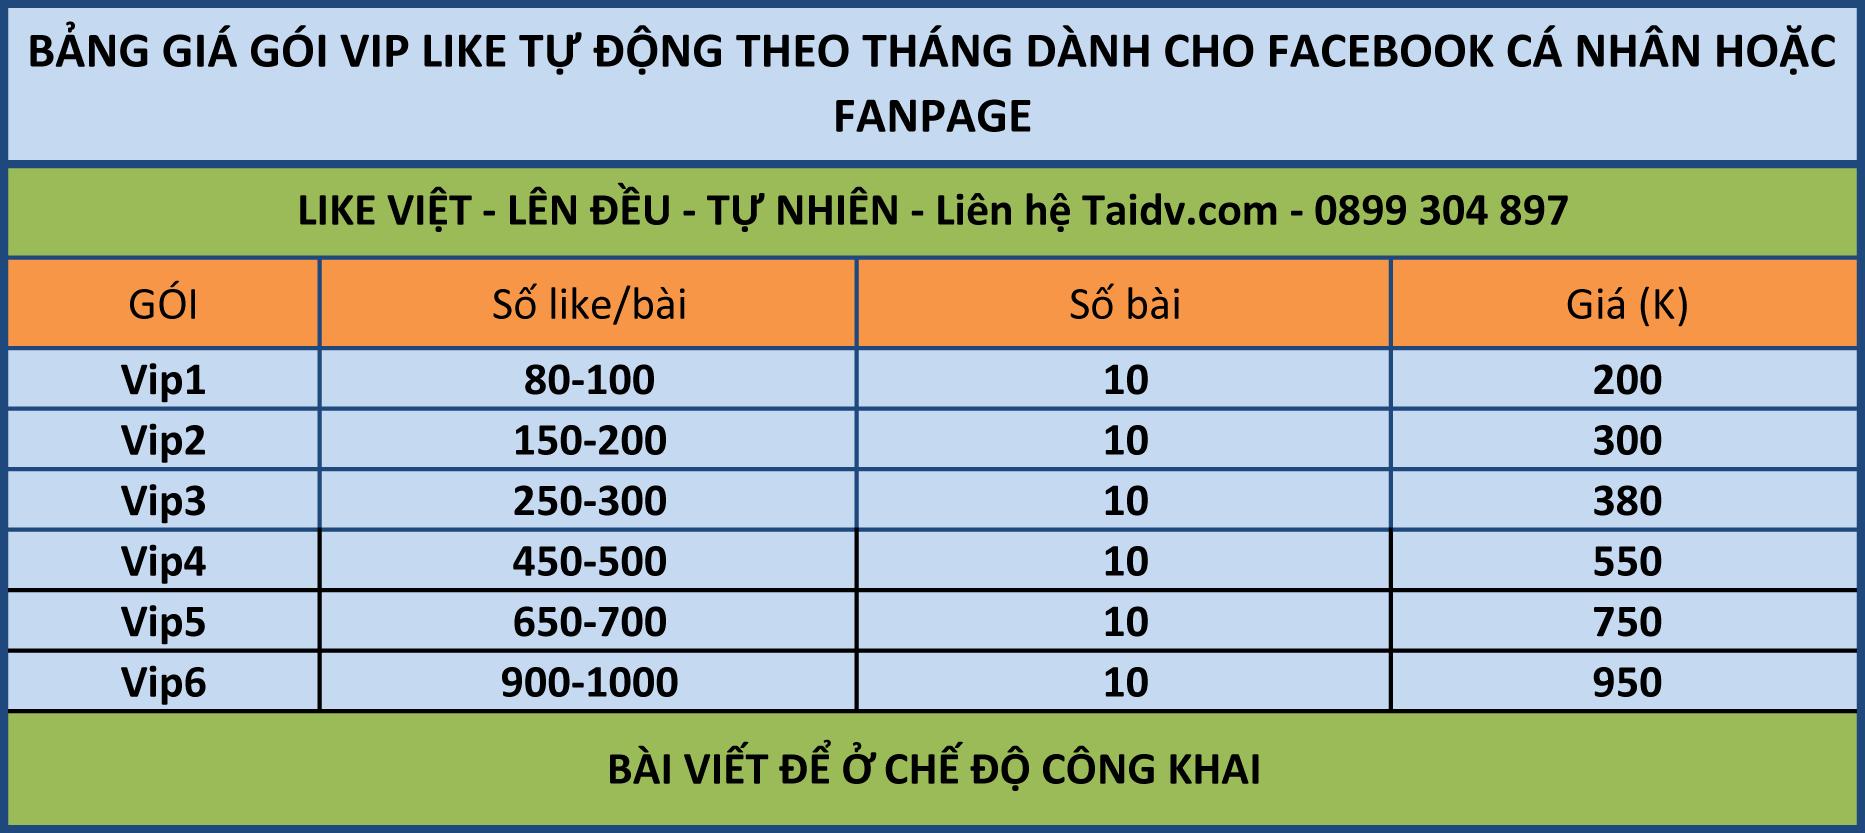 bang-gia-tang-like-bai-post-facebook-viplike-taidv.com